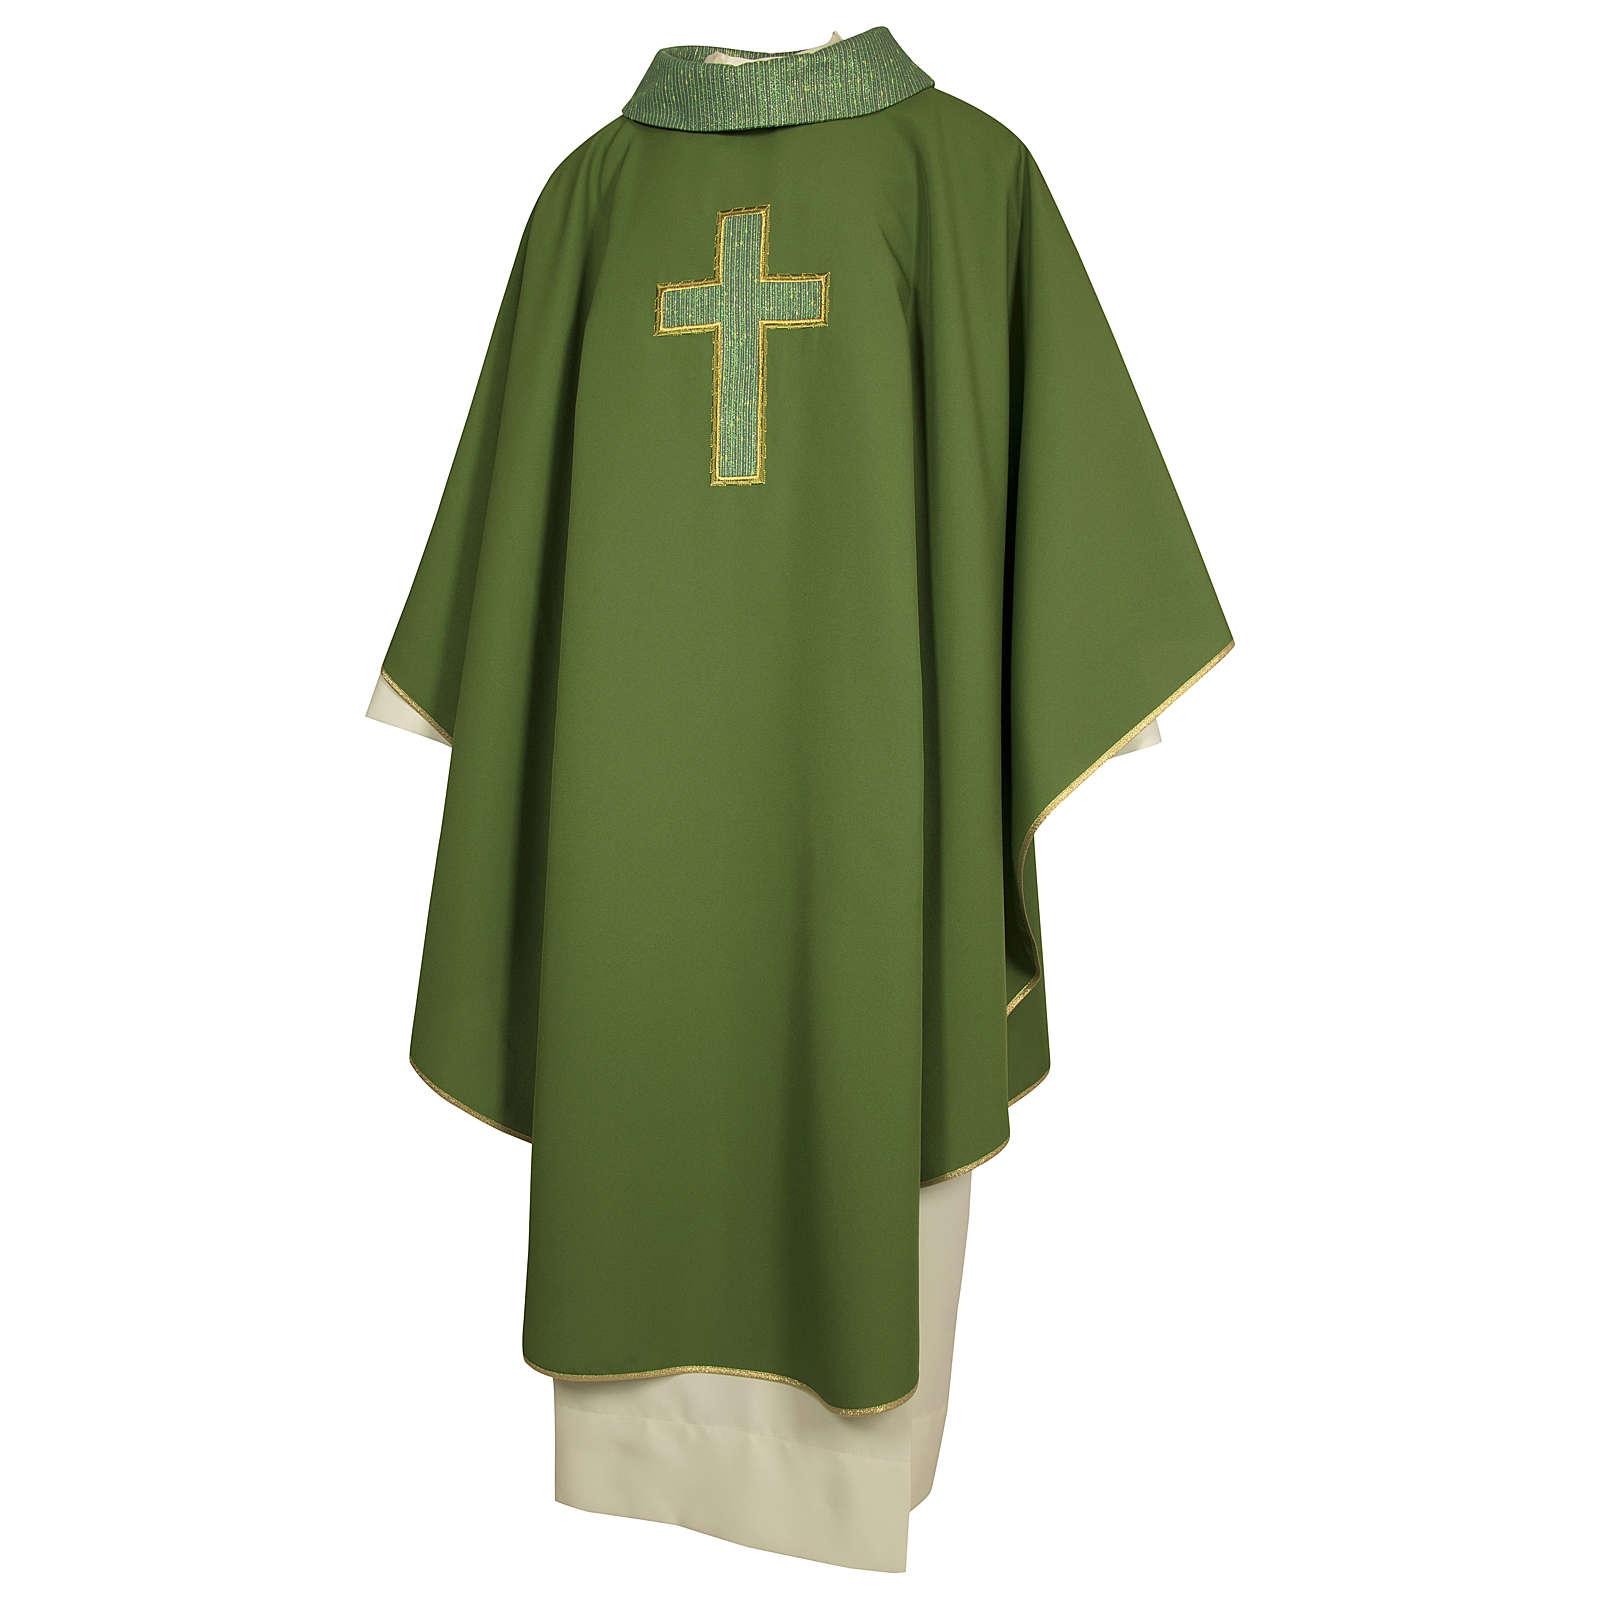 Casula poliestere croce ritaglio a mano 4